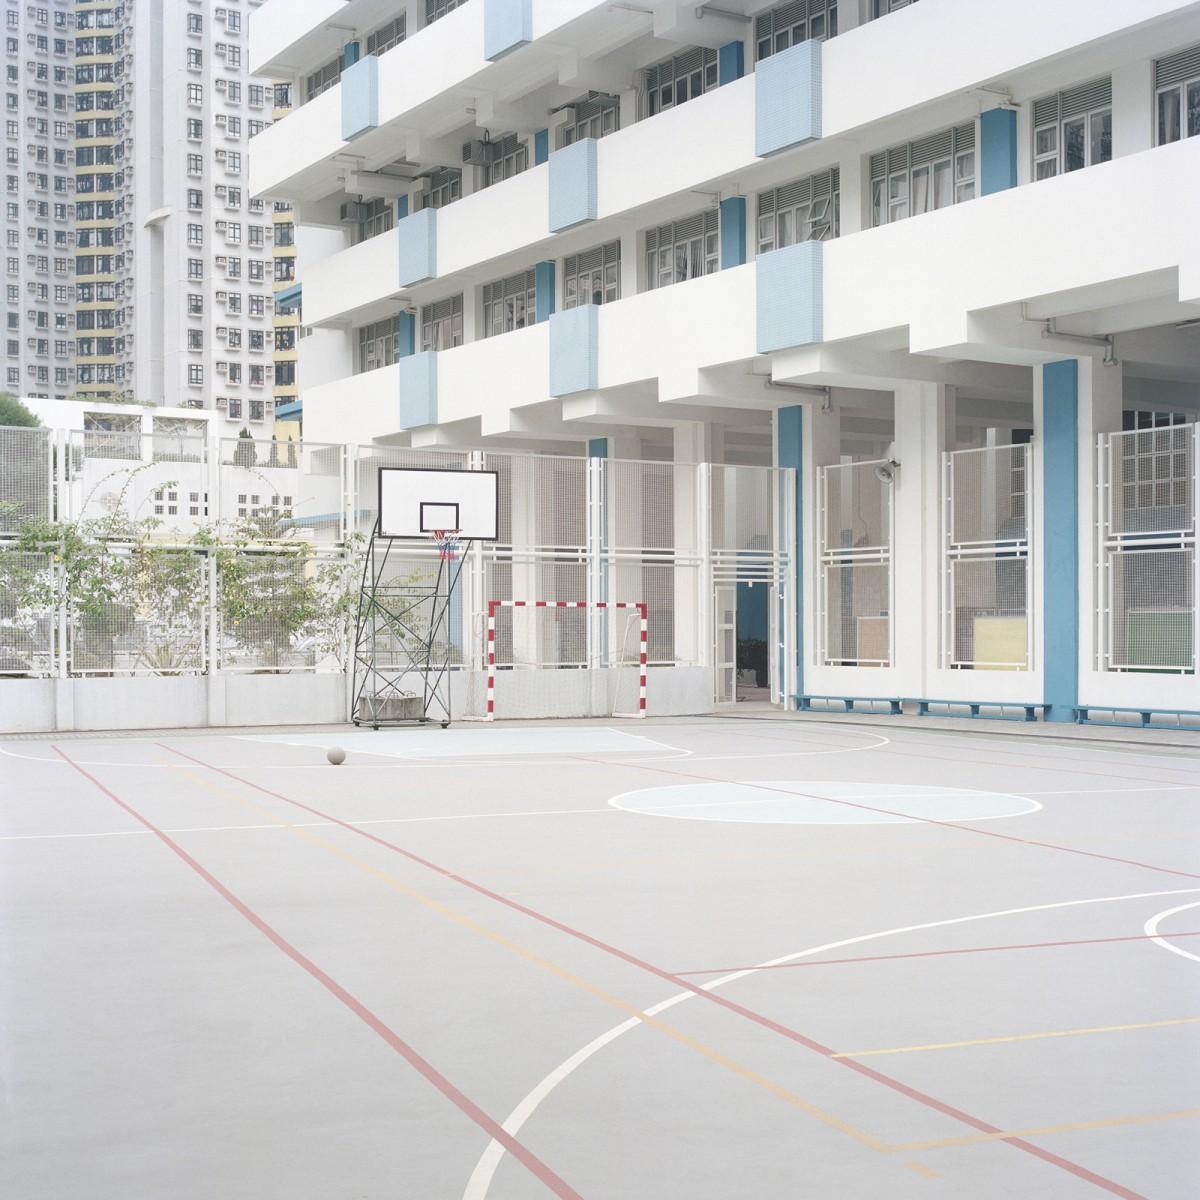 archaic_WardRoberts_Courts_2.jpg